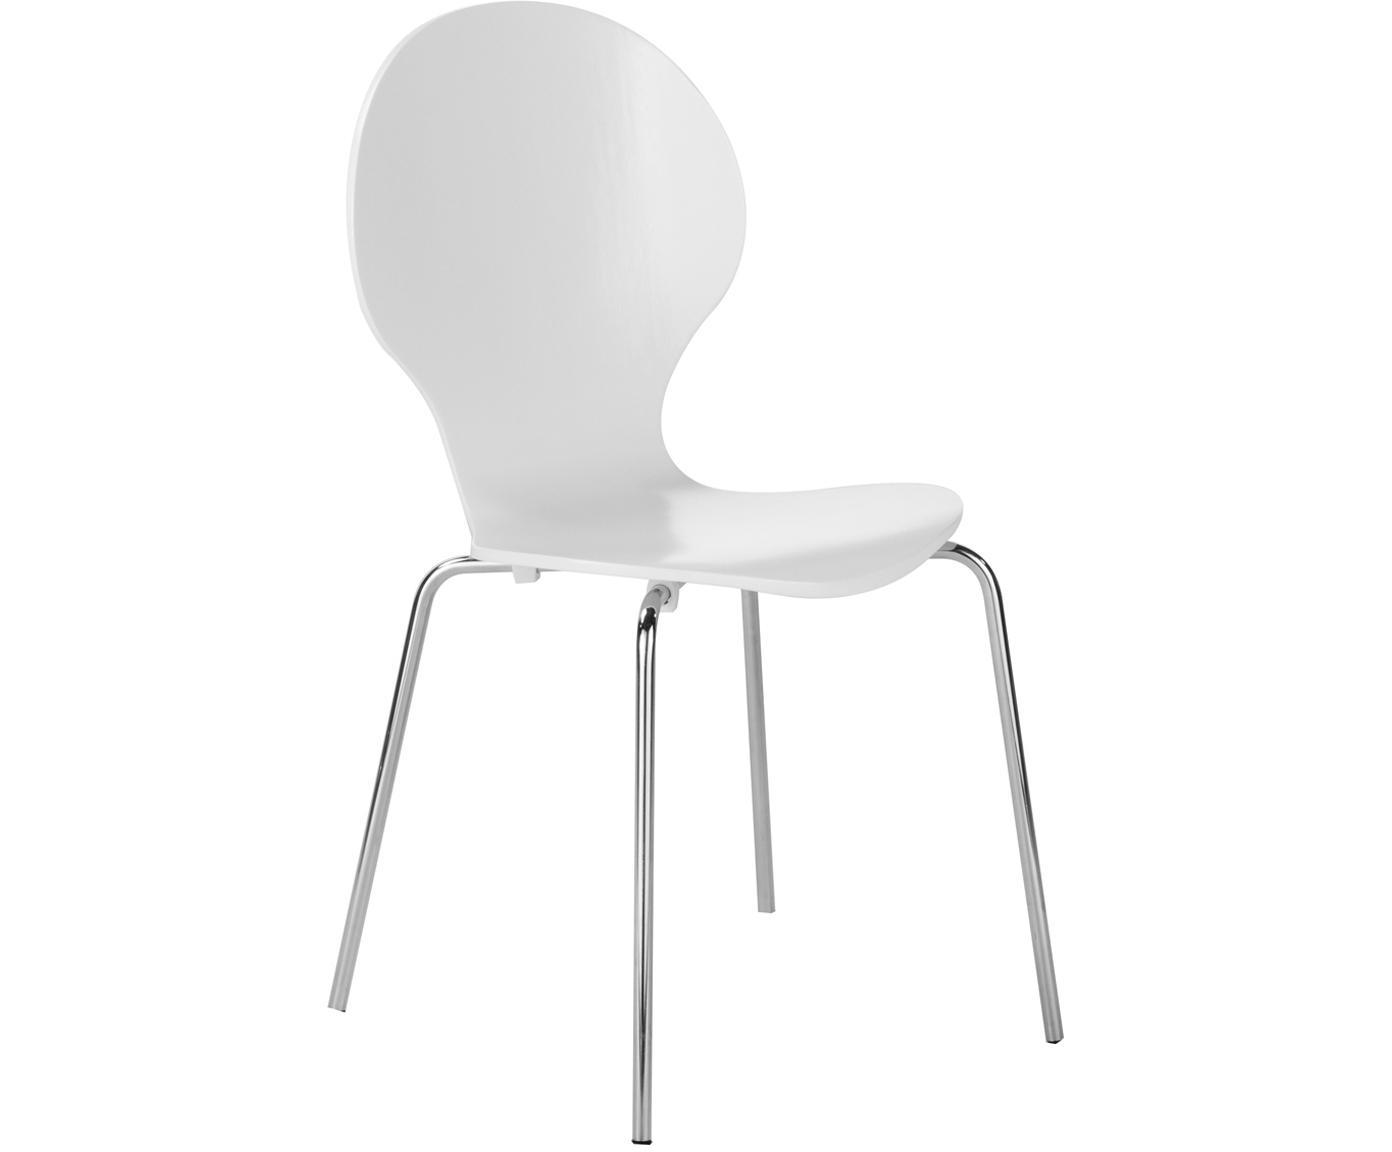 Krzesło Marcus, 4 szt., Nogi: stal chromowana, Biały, S 49 x W 87 cm